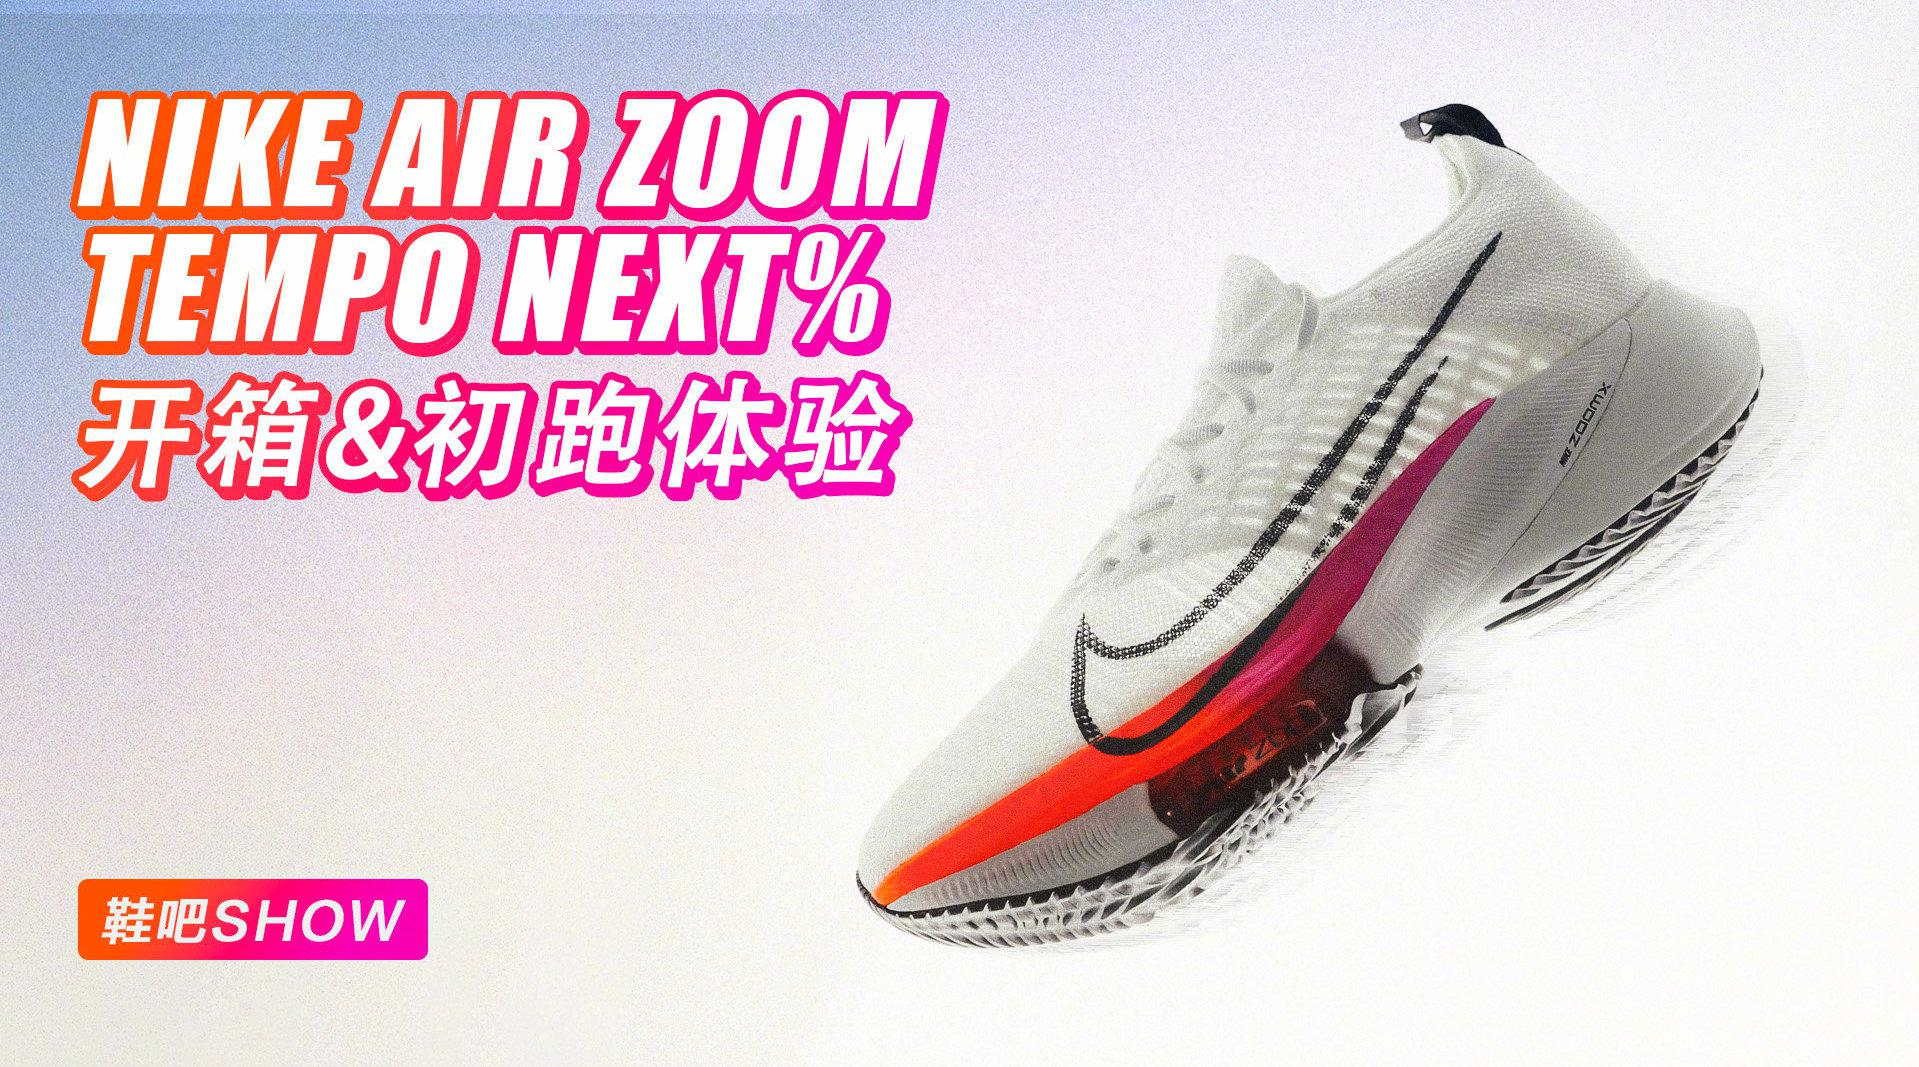 这款训练跑鞋足已秒杀其他品牌竞速鞋?